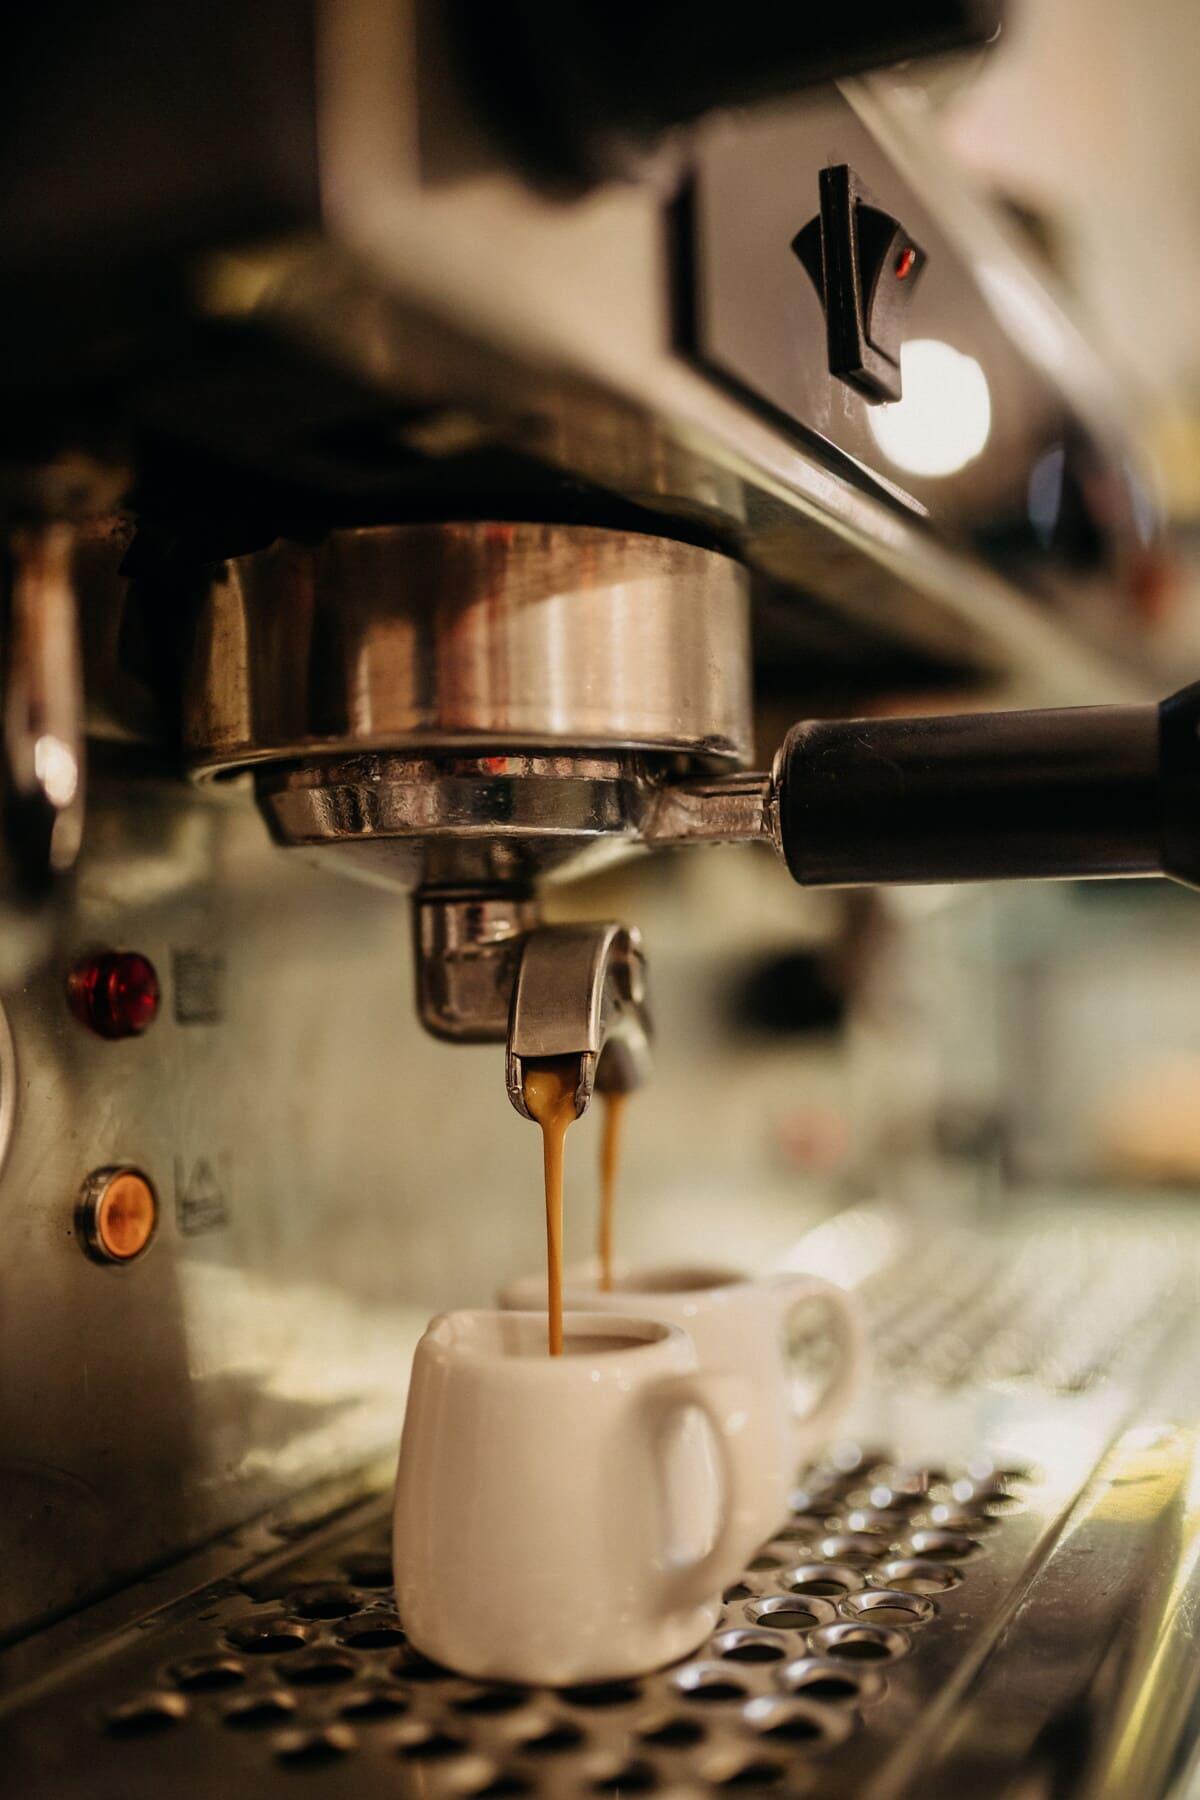 šalicu za kavu, kofein, restoran, kuhinja, napitak, espresso, kava, unutarnji prostor, zamagliti, mrtva priroda